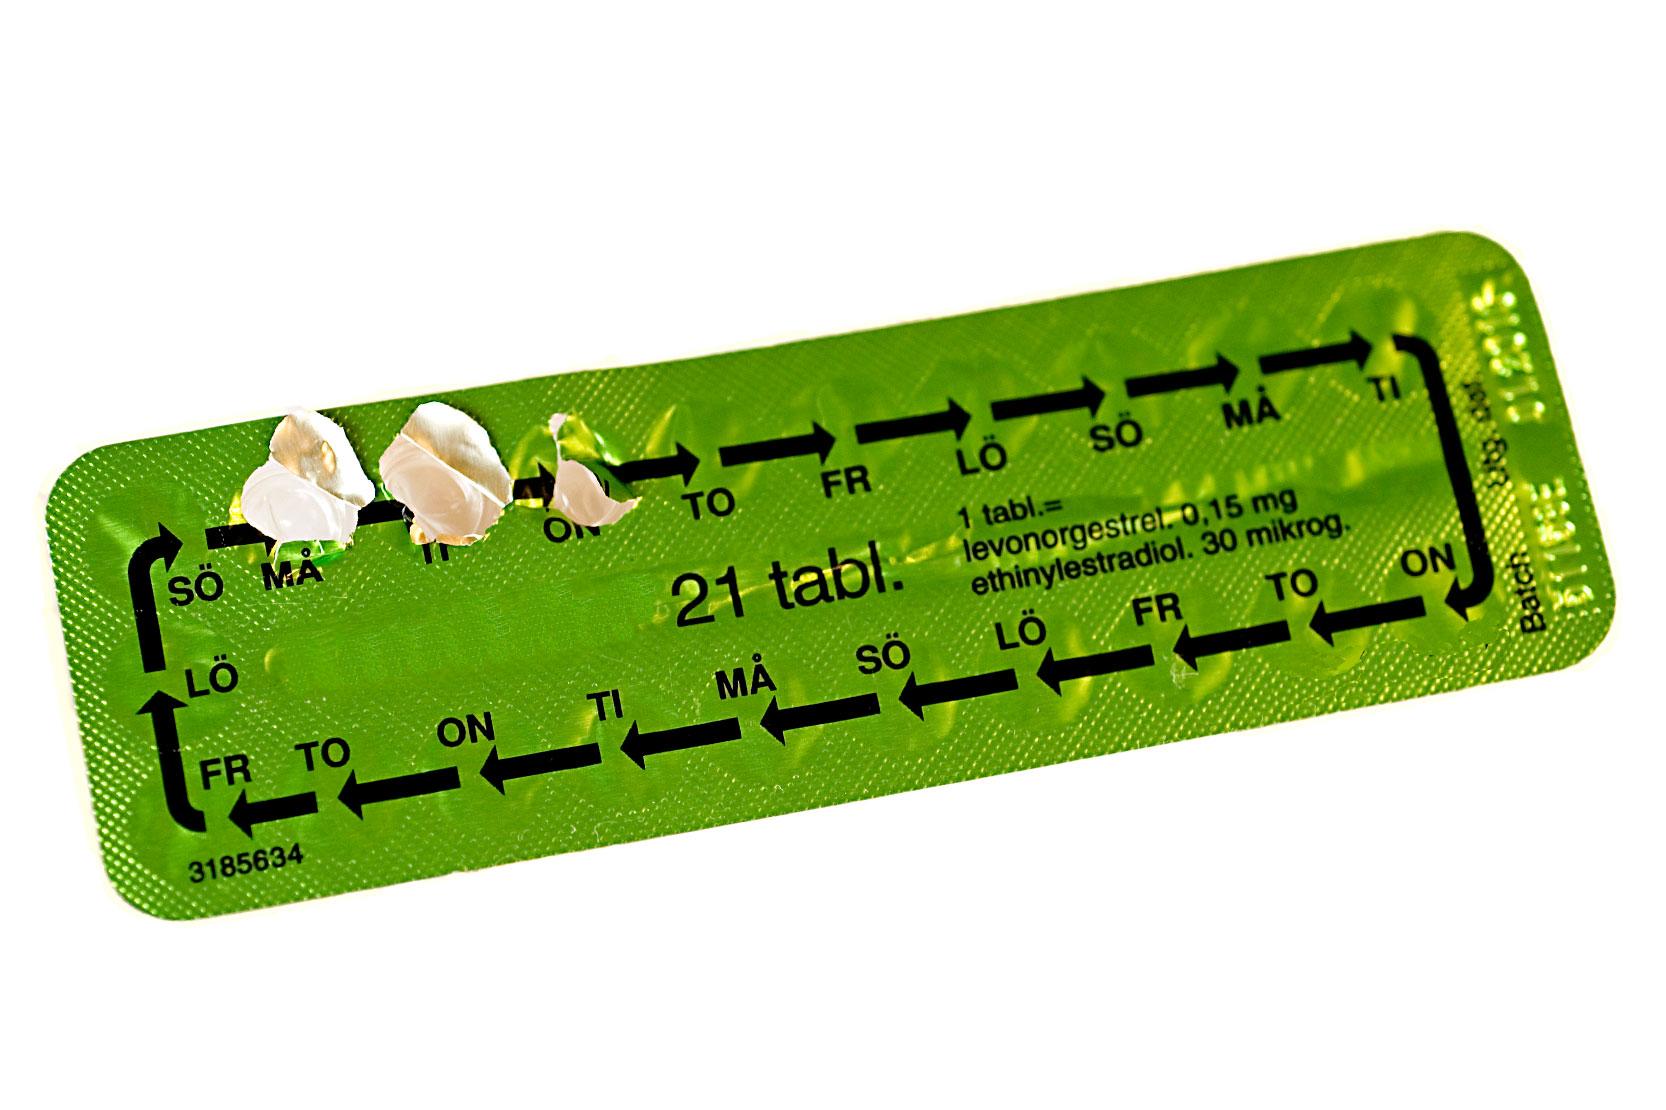 kostar p piller